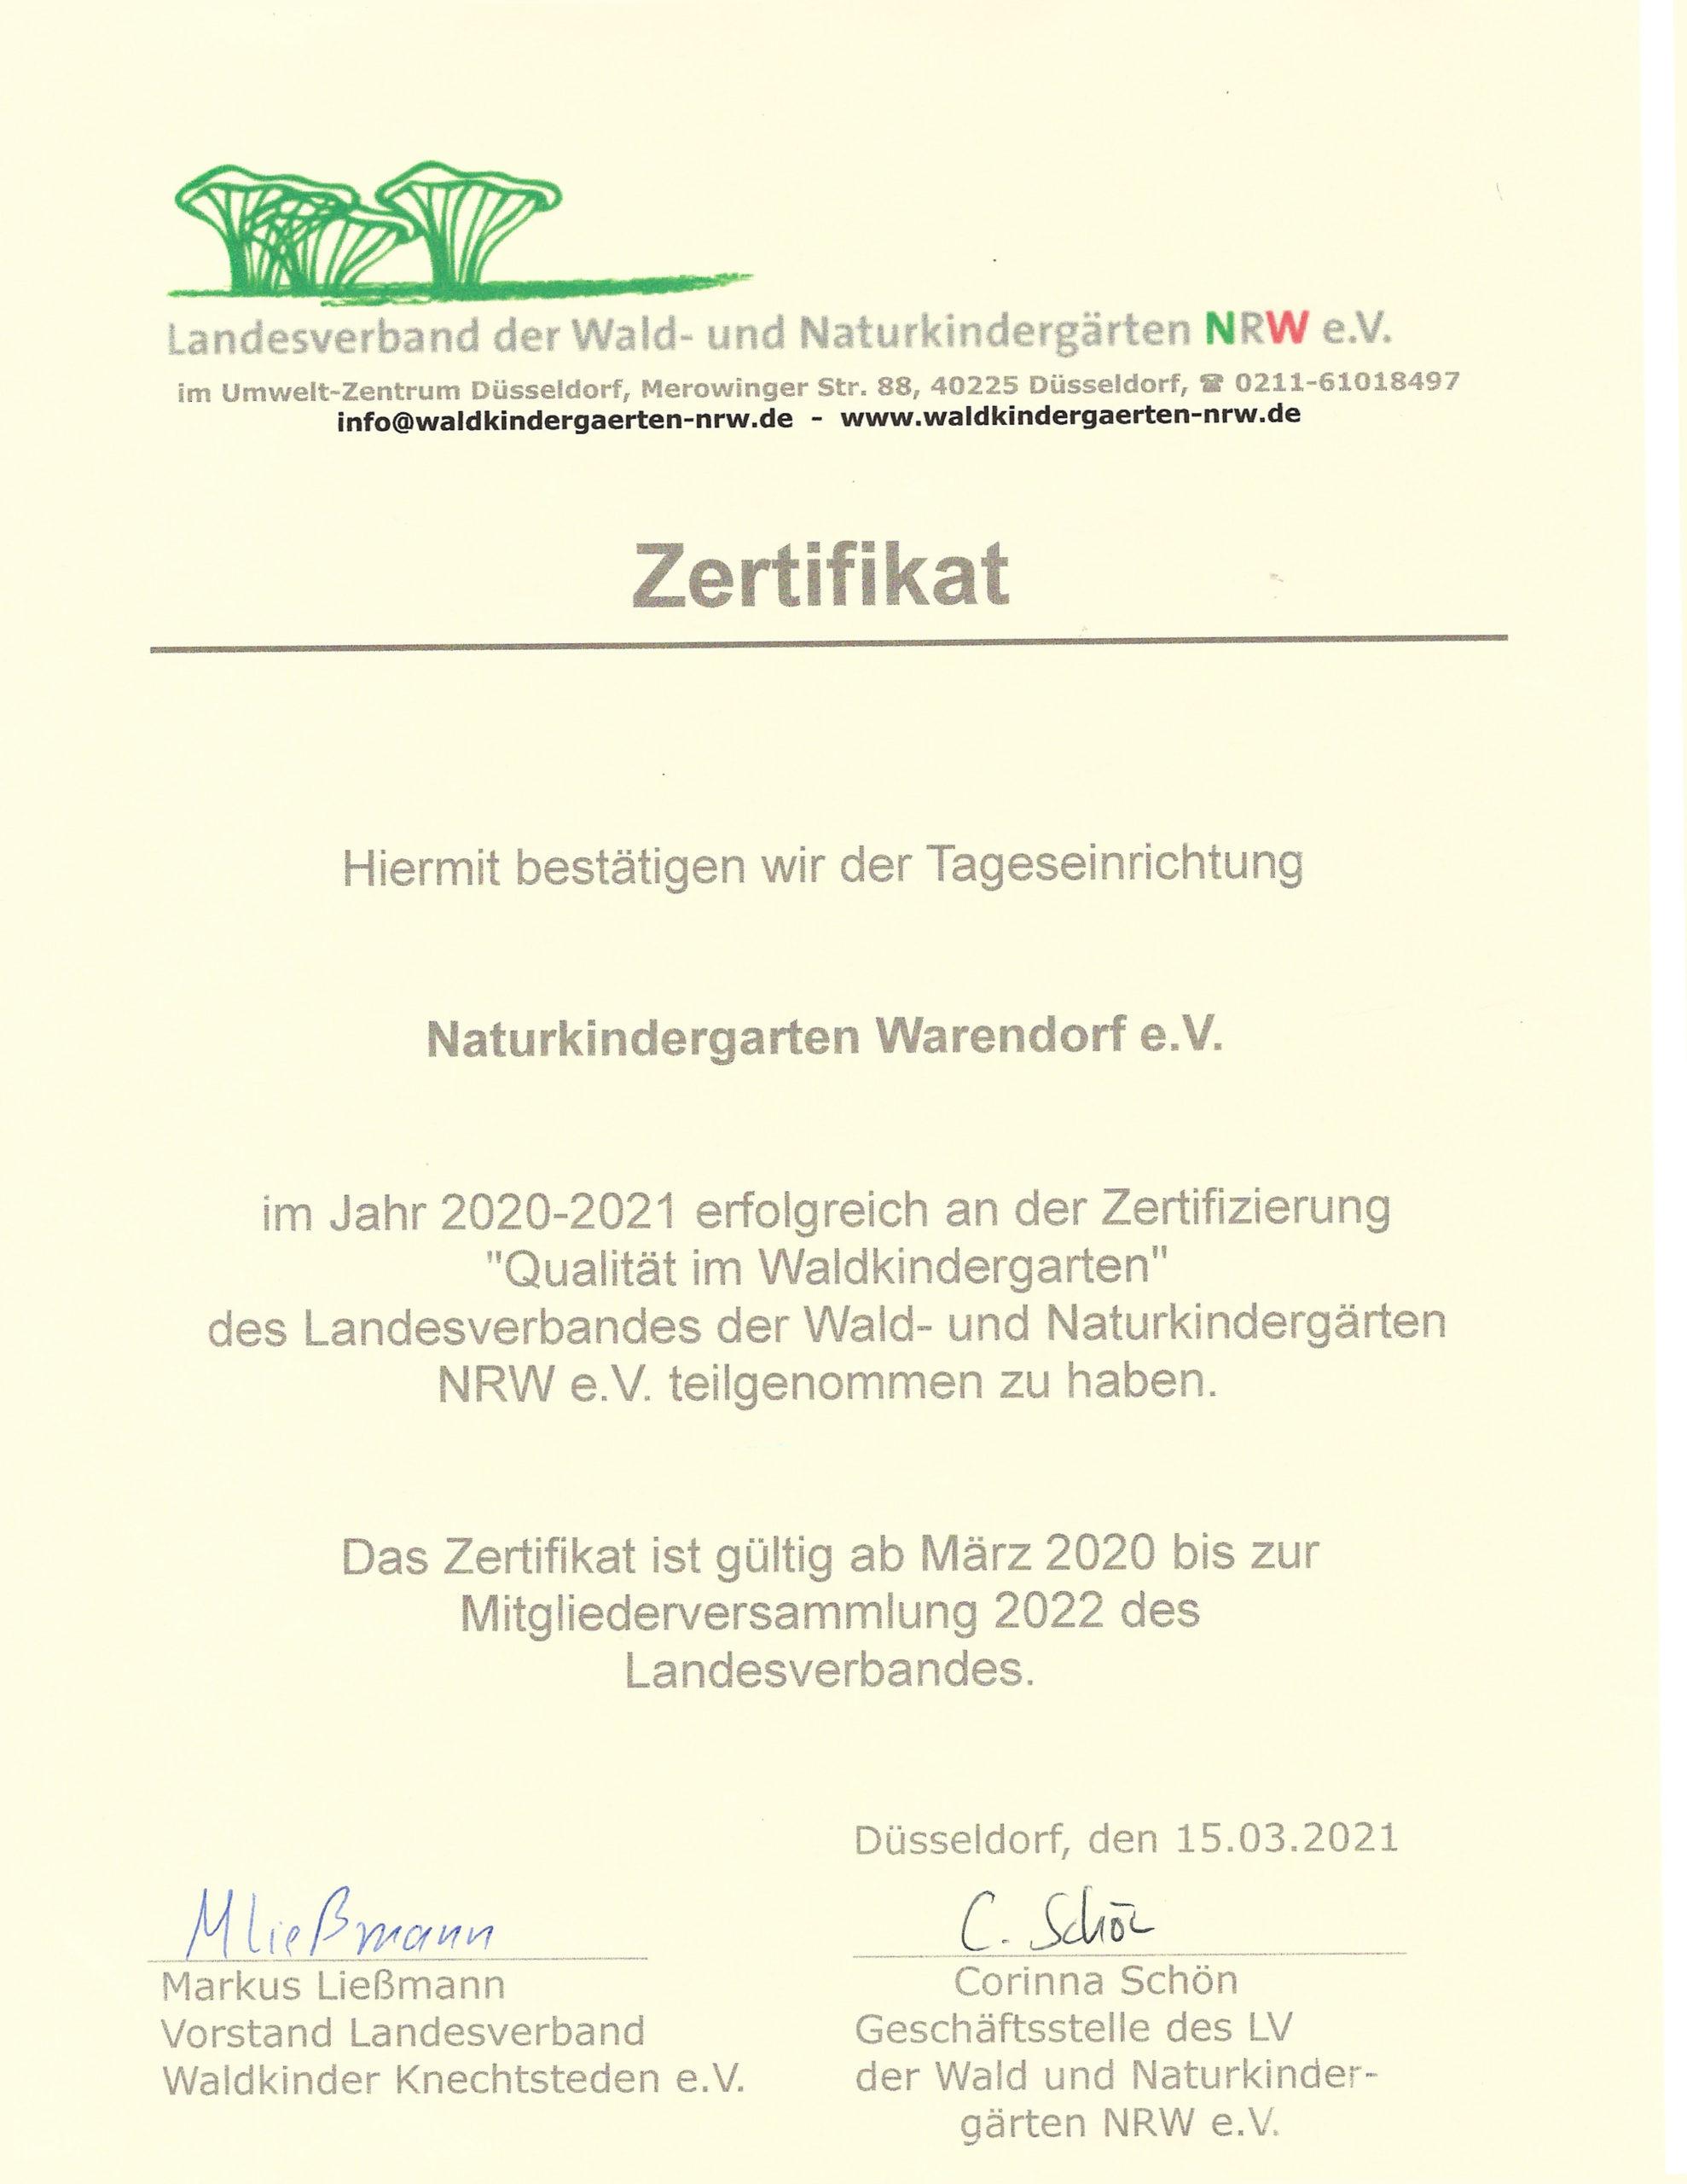 WaldKIGA-Zertifikat2020